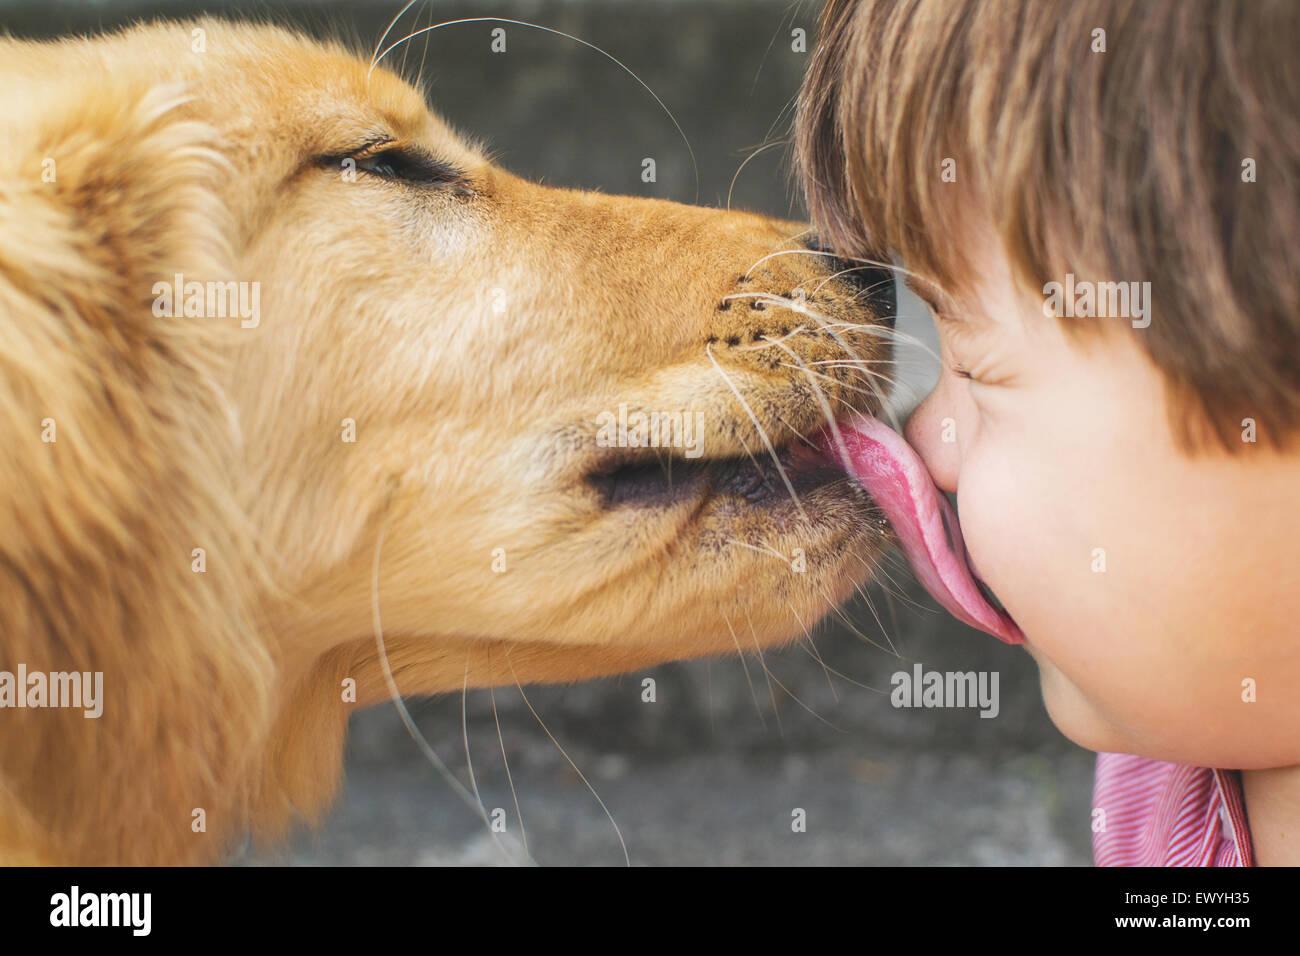 Cane leccare un ragazzo del viso Immagini Stock